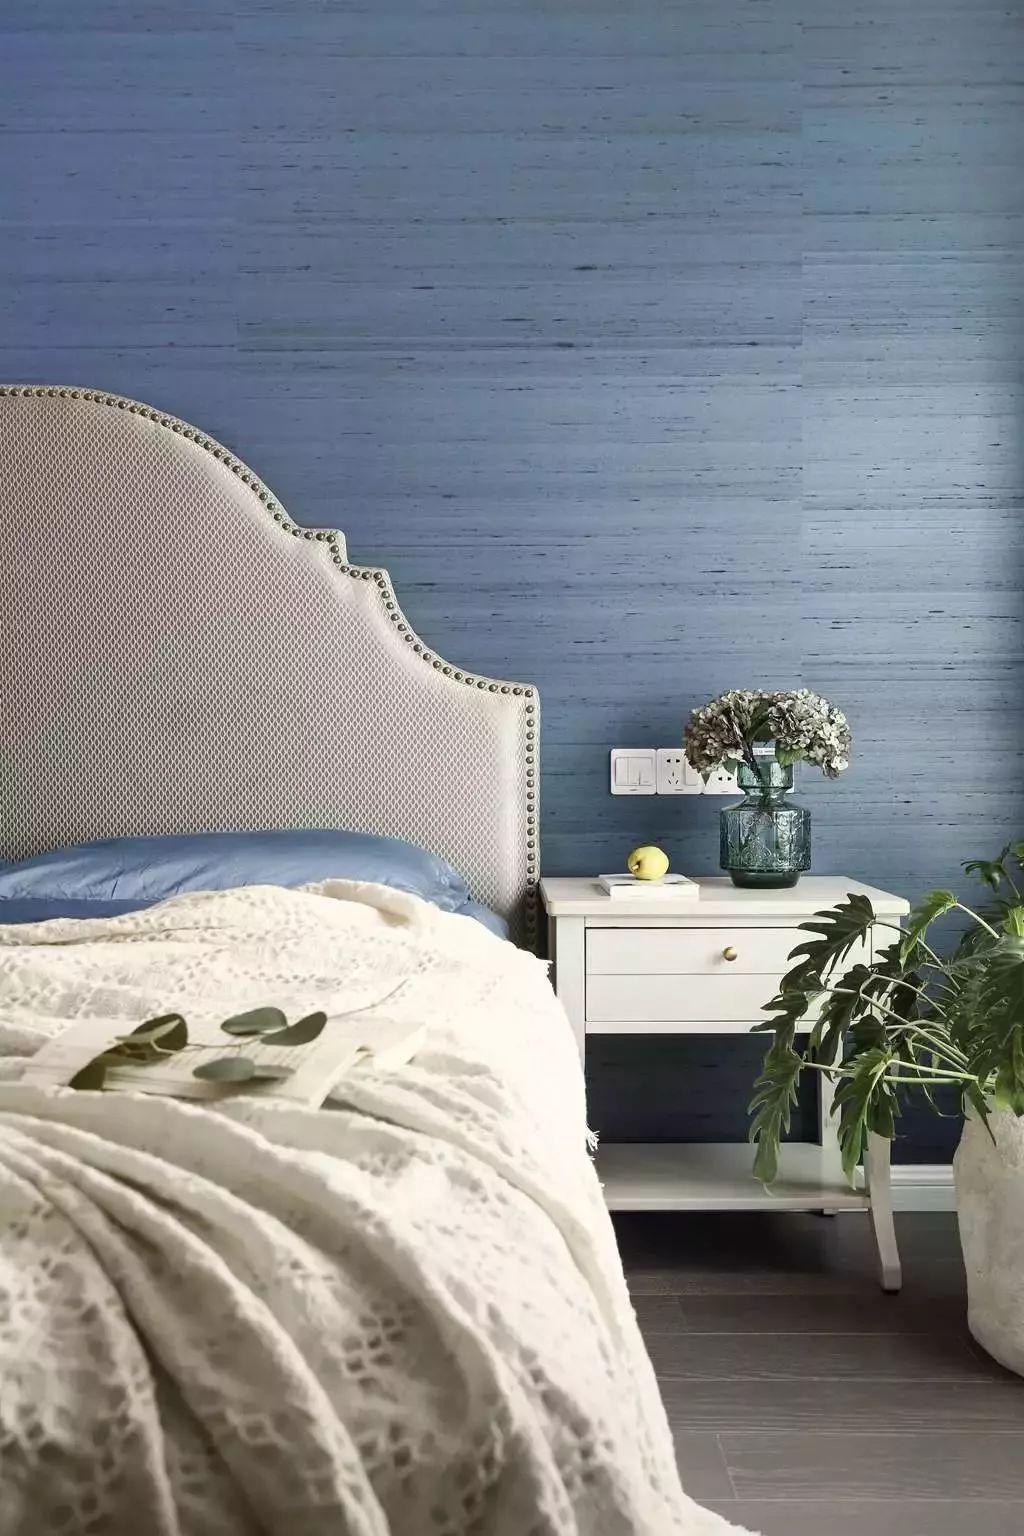 床头背景墙不连续的蓝紫色墙纸,带来起伏的律动美感。配合床边触手可及的满满绿意,呈现出清新空间。